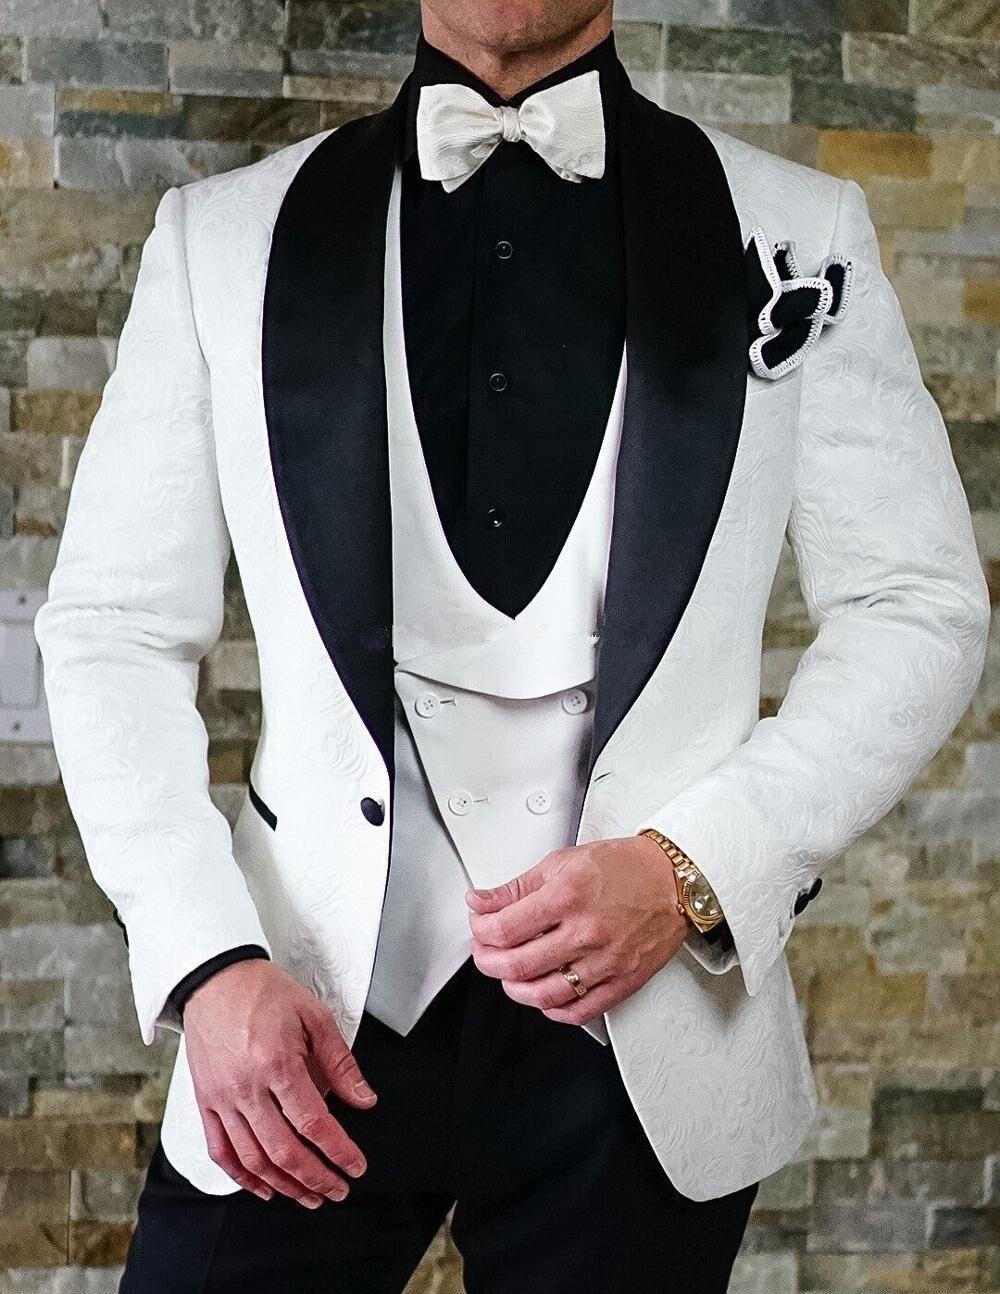 2018-Nouveau-Design-Hommes-Costumes-de-Mariage-Mari-Costume-Formel-Un-Boutons-Bourgogne-Smoking-Veste-Hommes (1)_